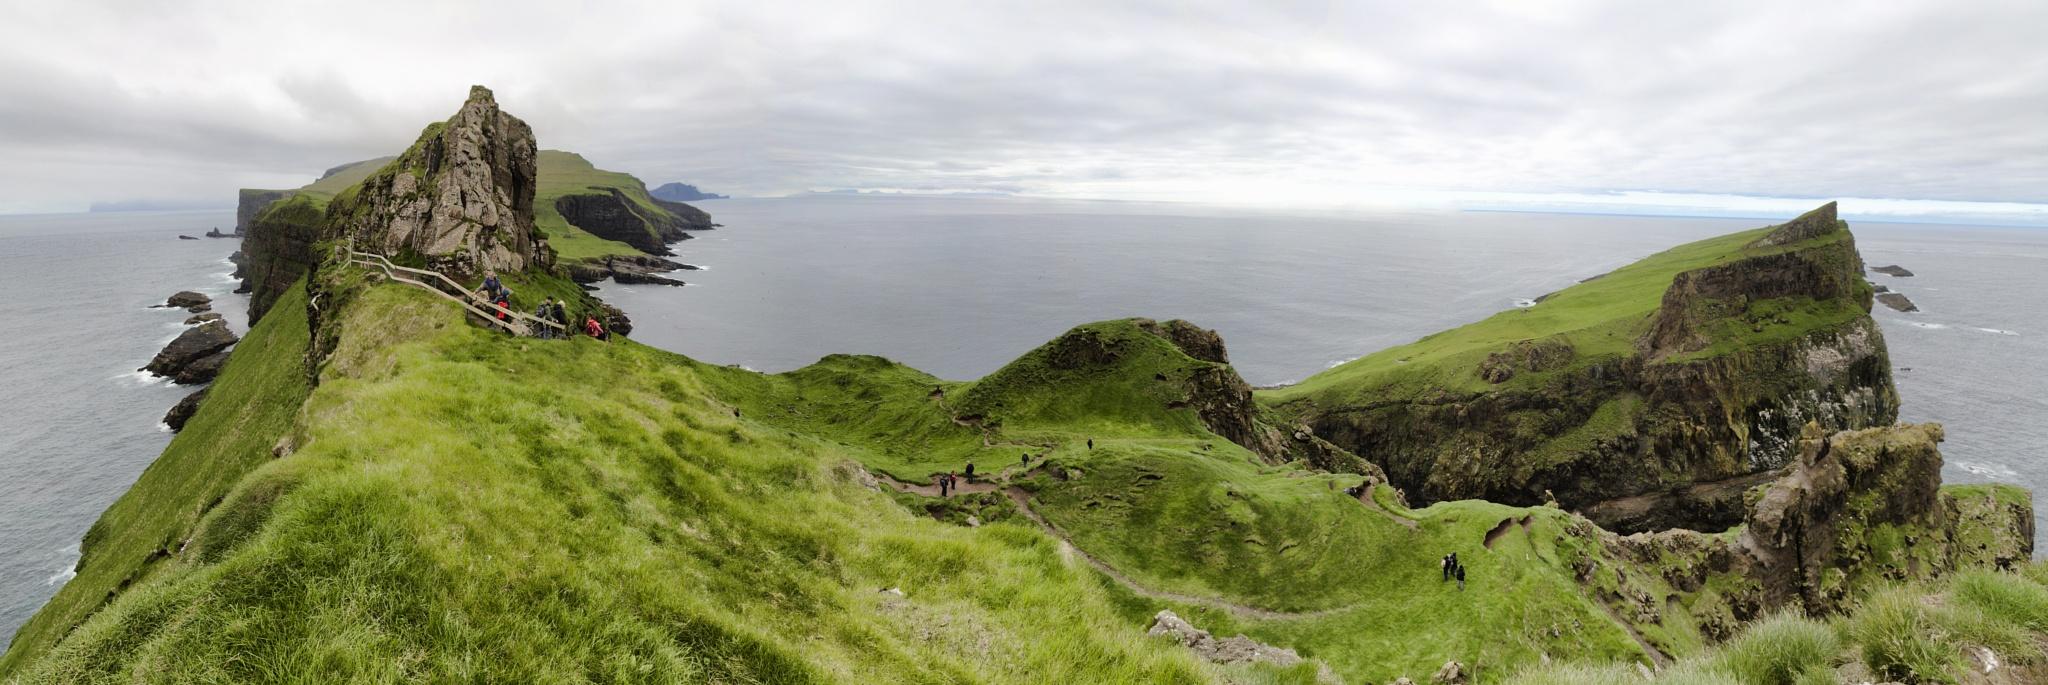 Mykines in Faroe Islands by Faroe Islands Hiking